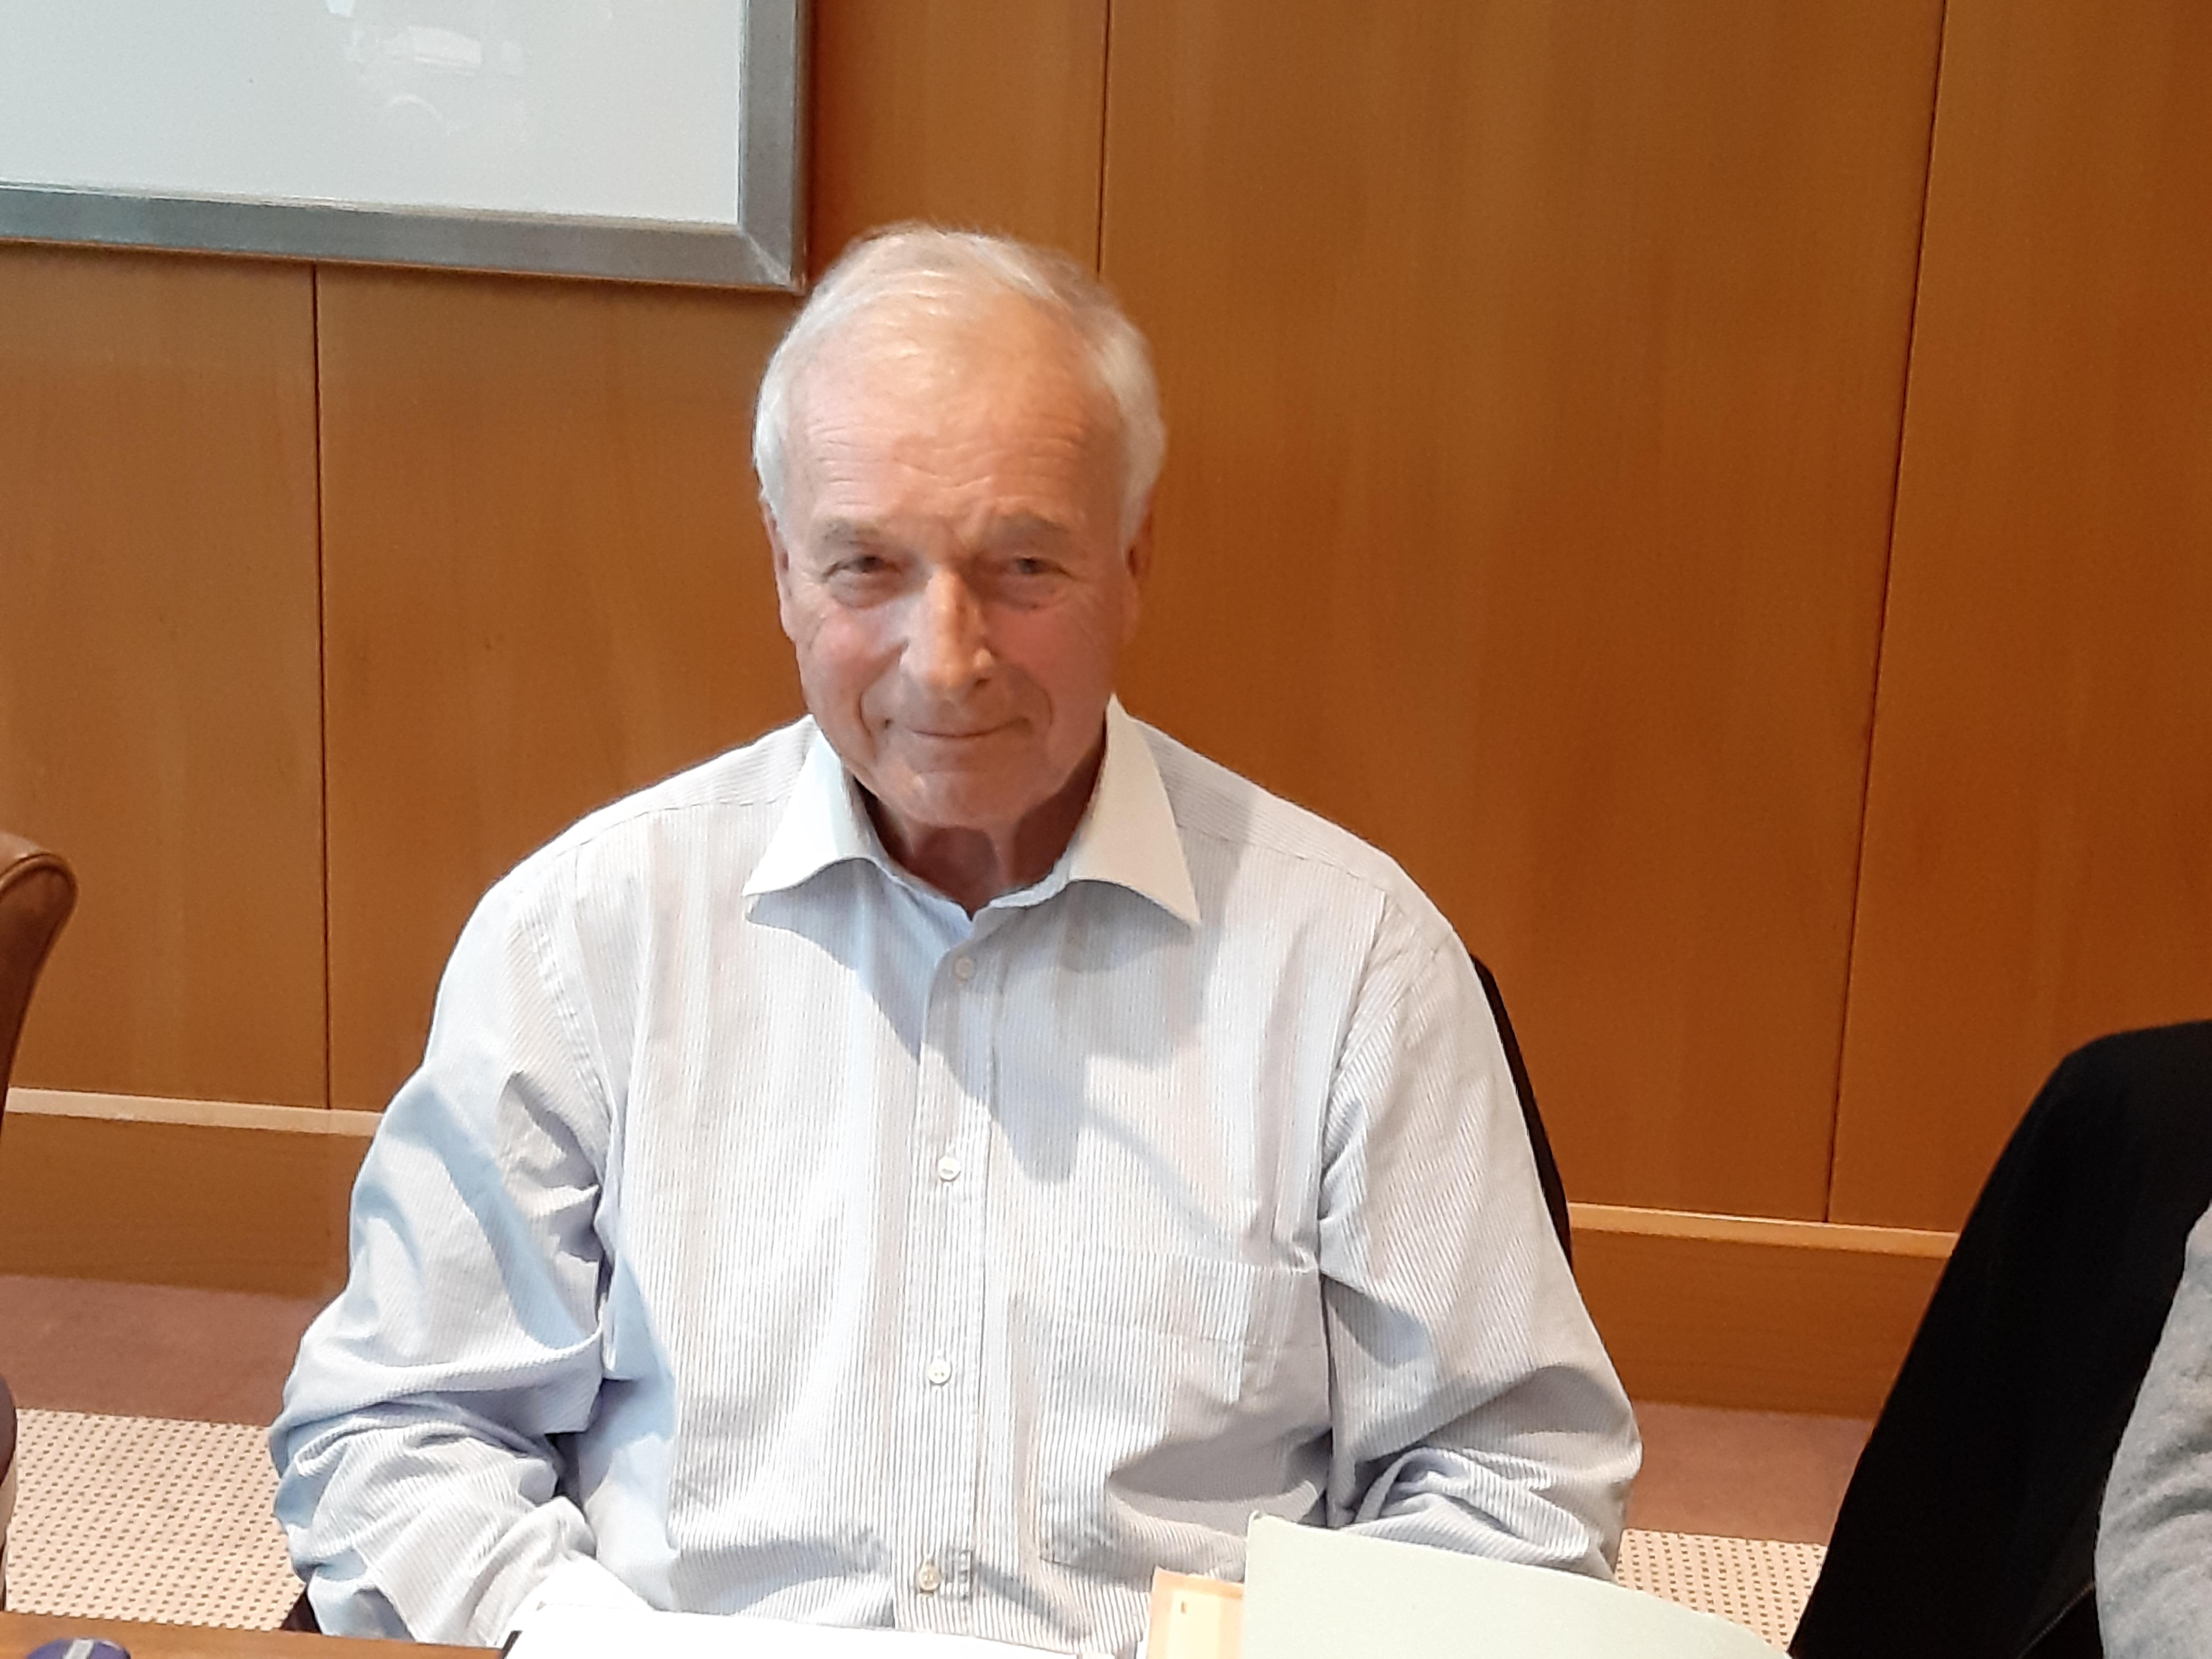 Erwin MEYER